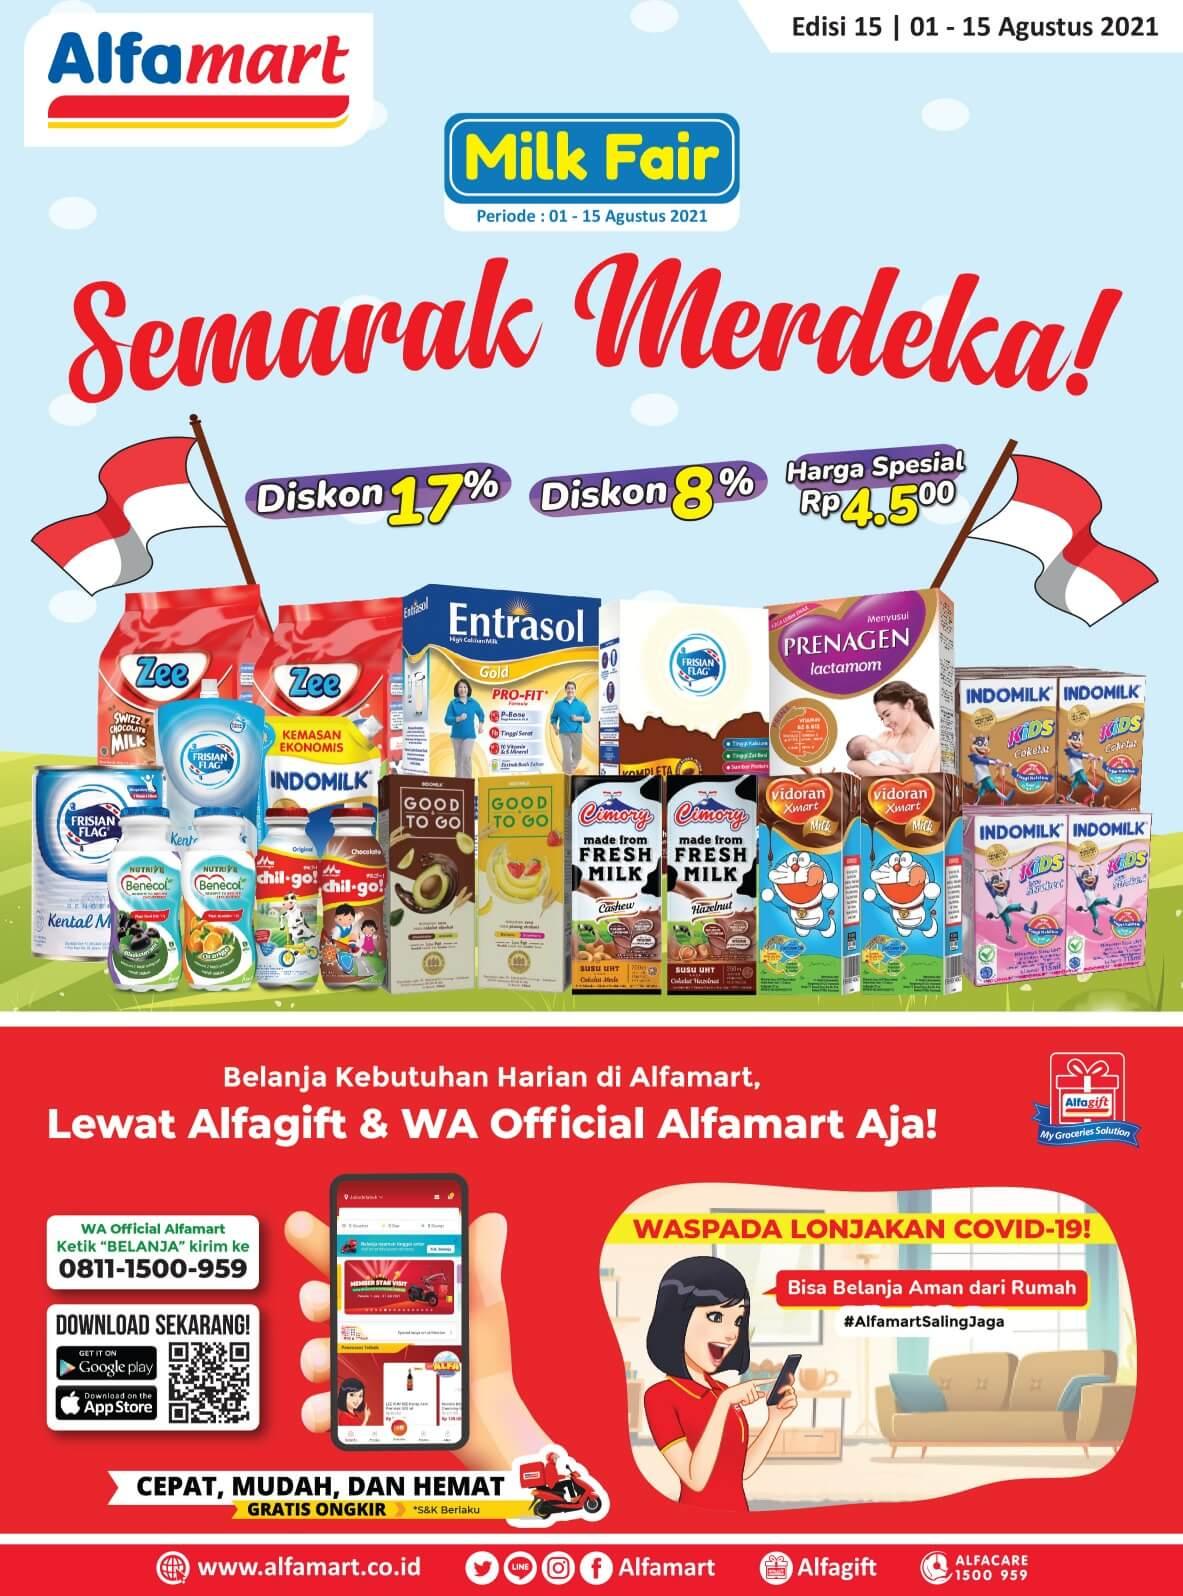 Promo ALFAMART TERBARU periode 01-15 Agustus 2021